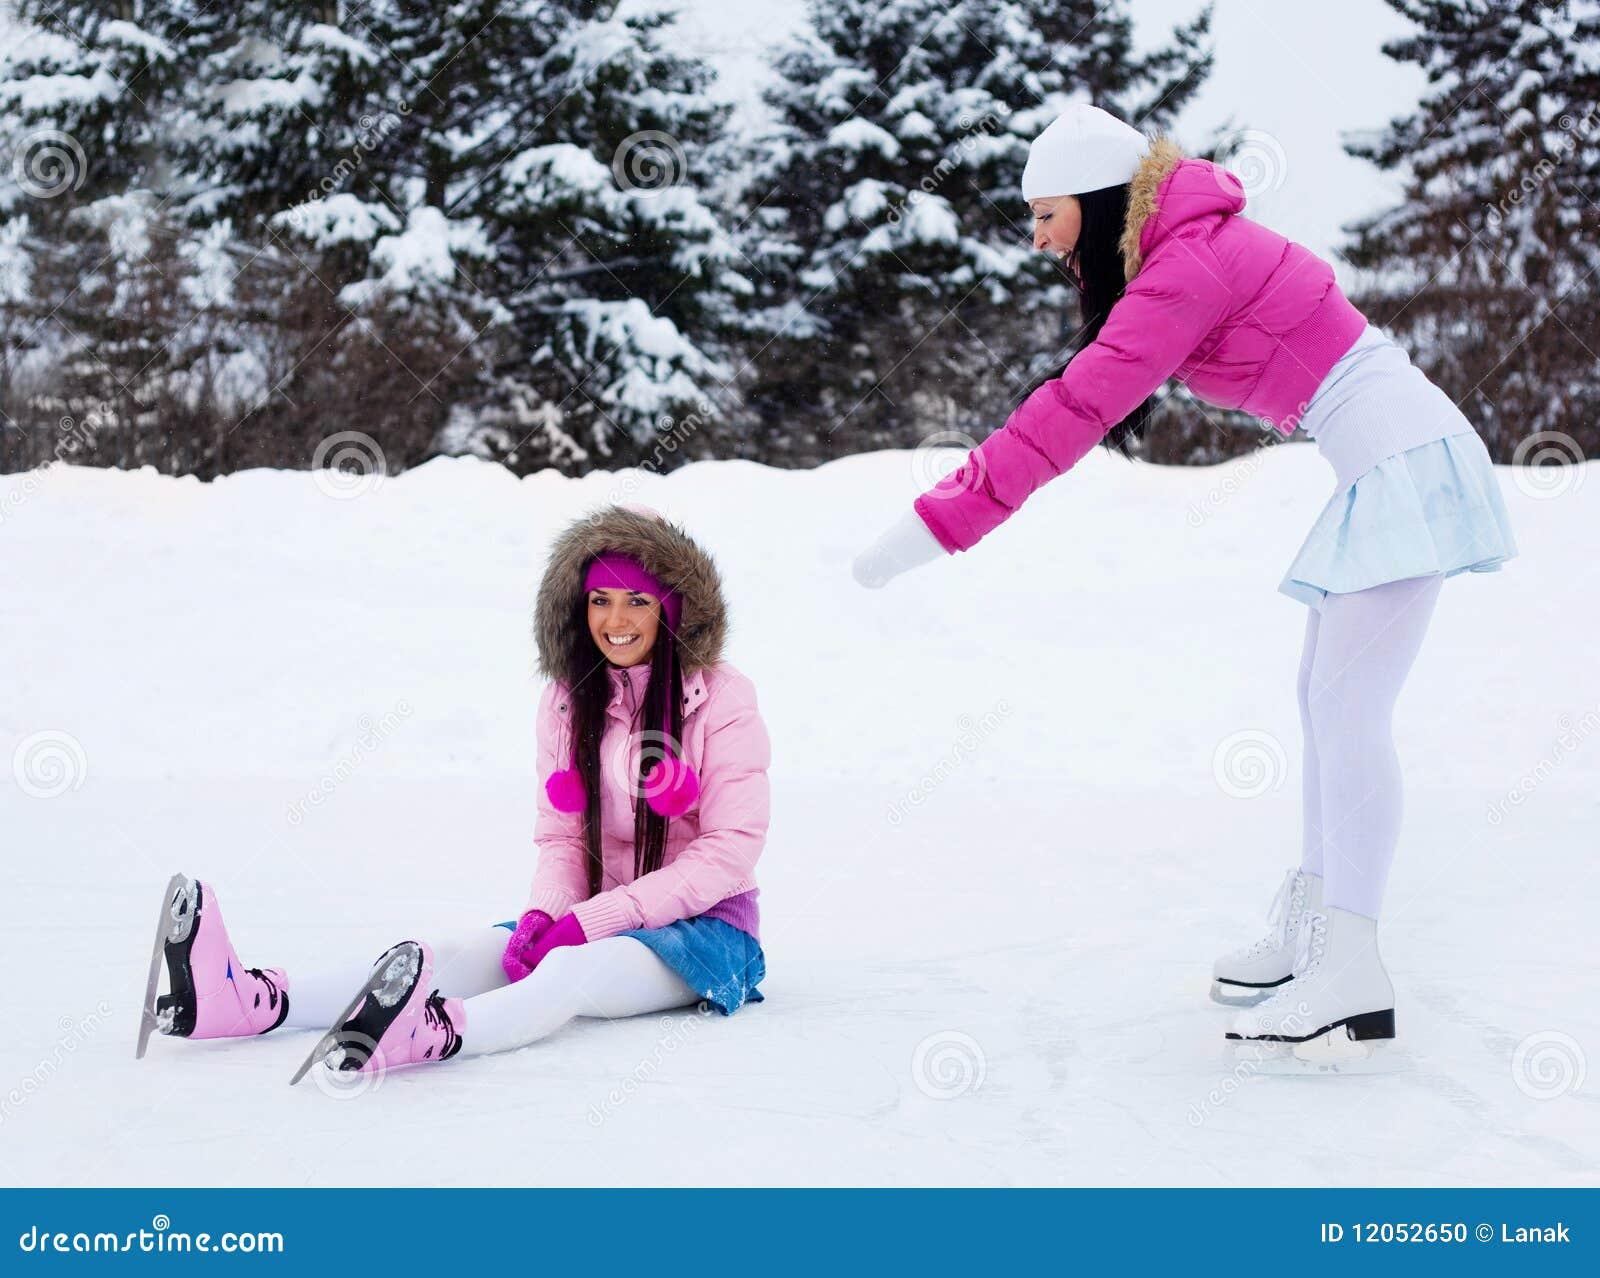 Фото подружек зимой 21 фотография